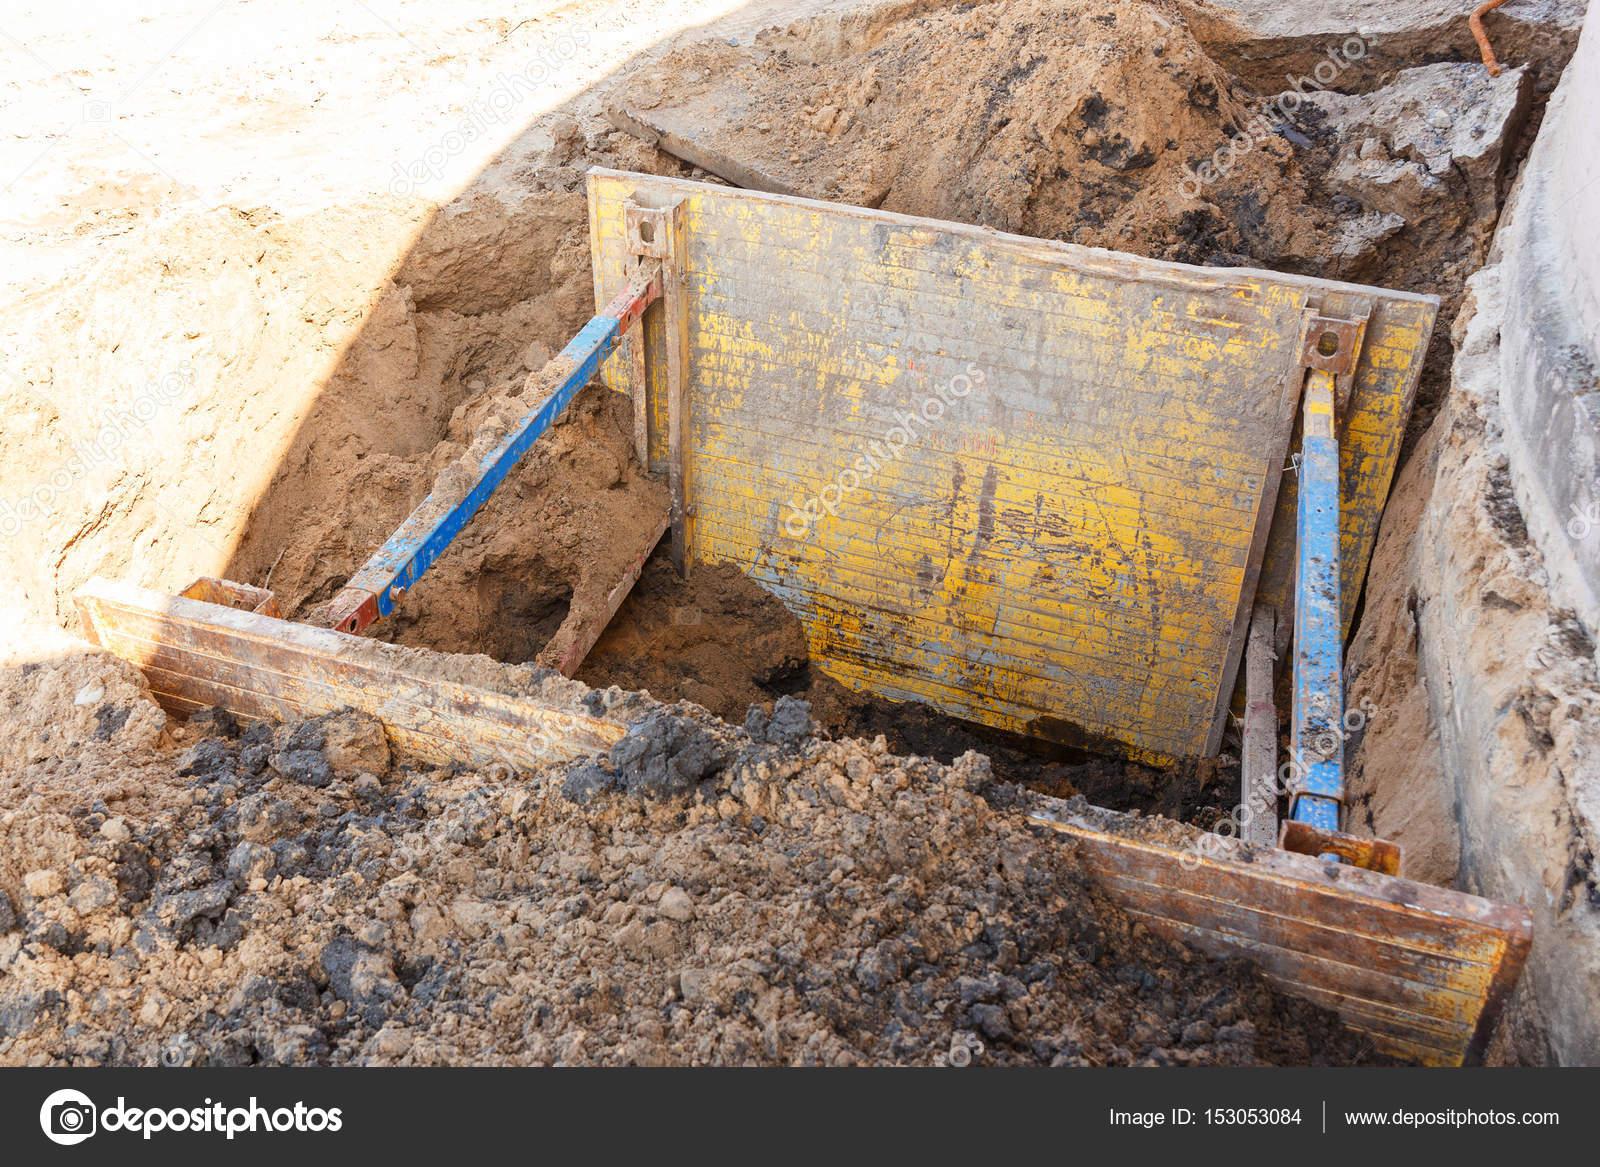 d1da4c6fe63972 Loopgraaf om te herstellen van het einde van de pijp — Stockfoto ...